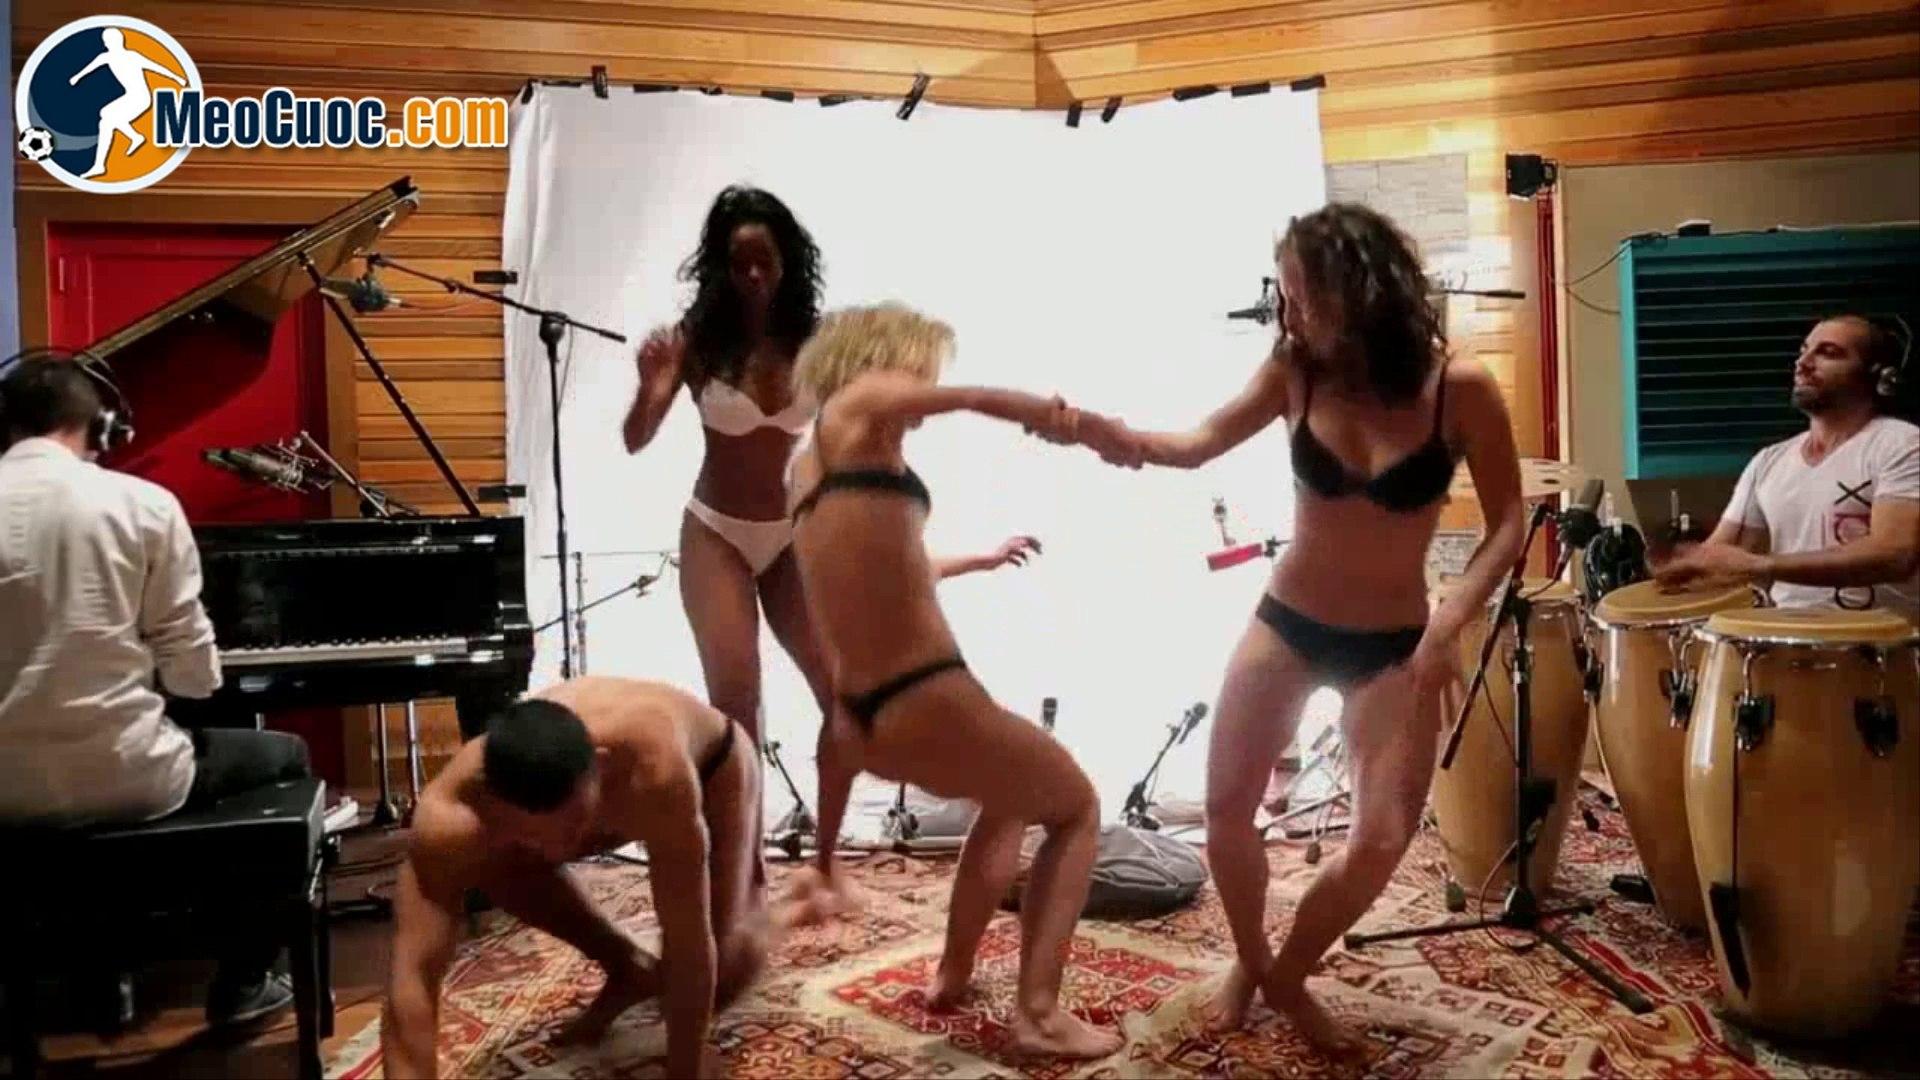 Chơi nhạc bằng nhạc cụ ngực và mông - MeoCuoc.com